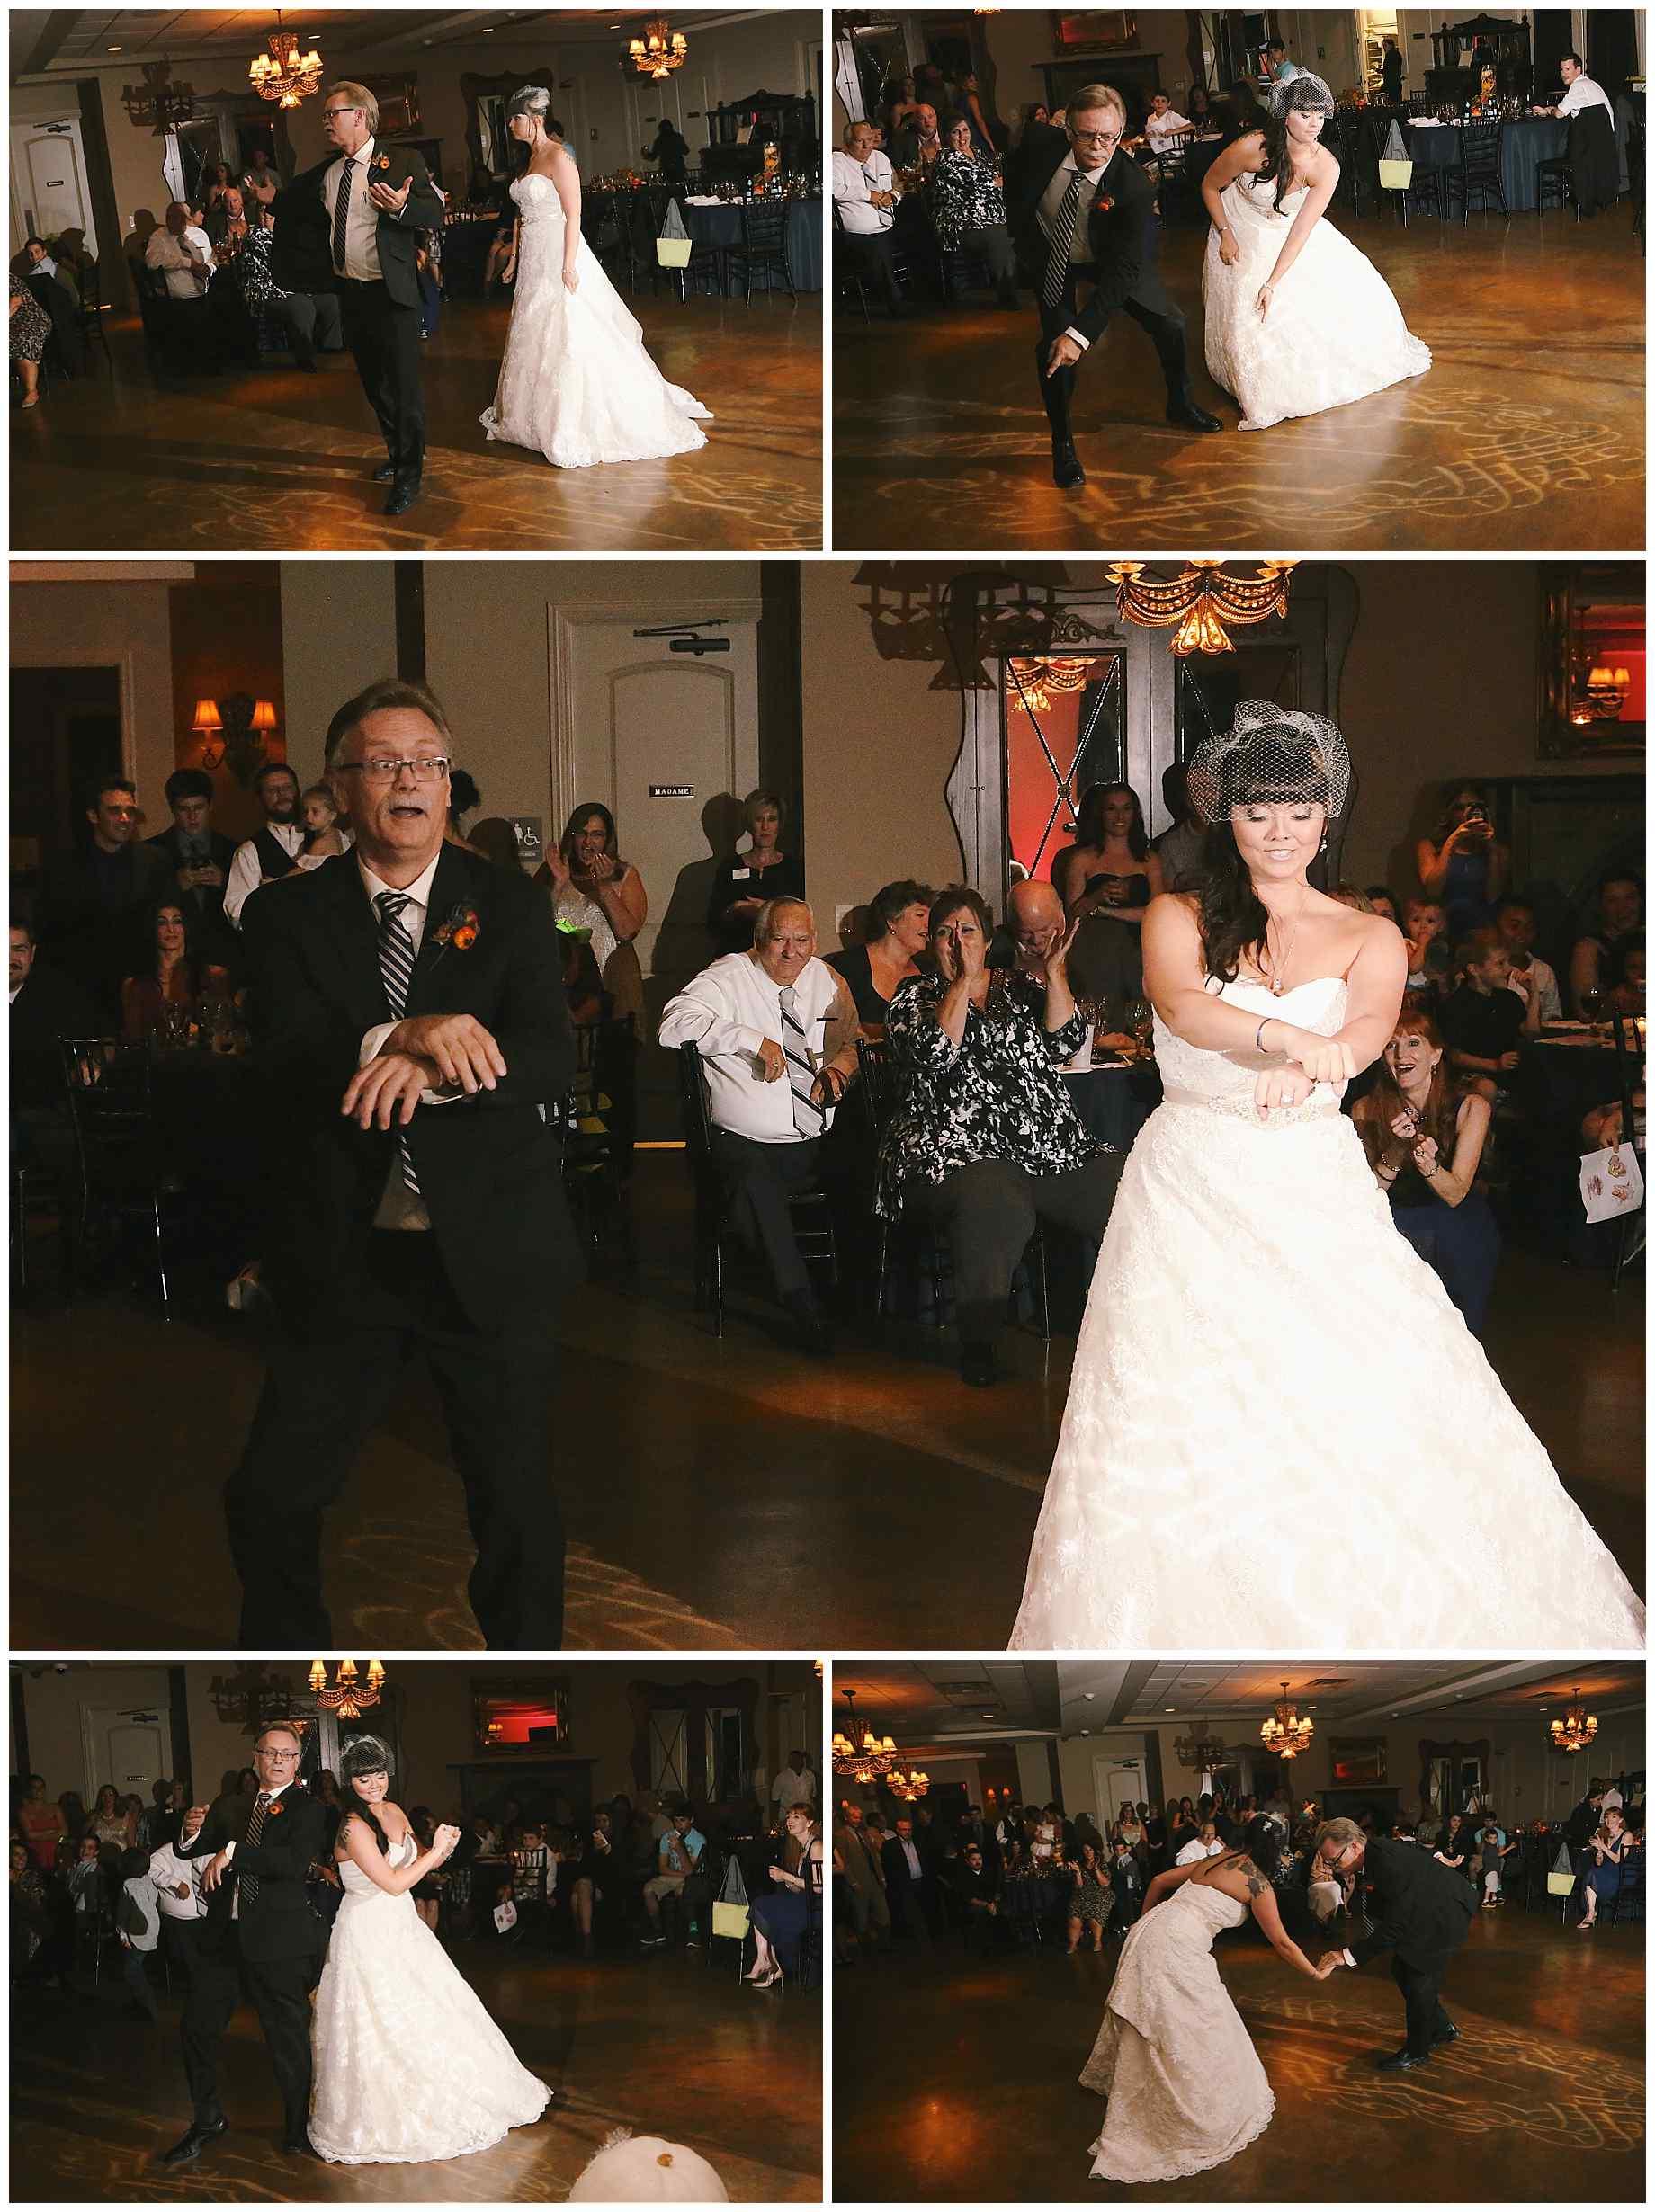 Le-Beaux-Chateau-wedding-photos-032